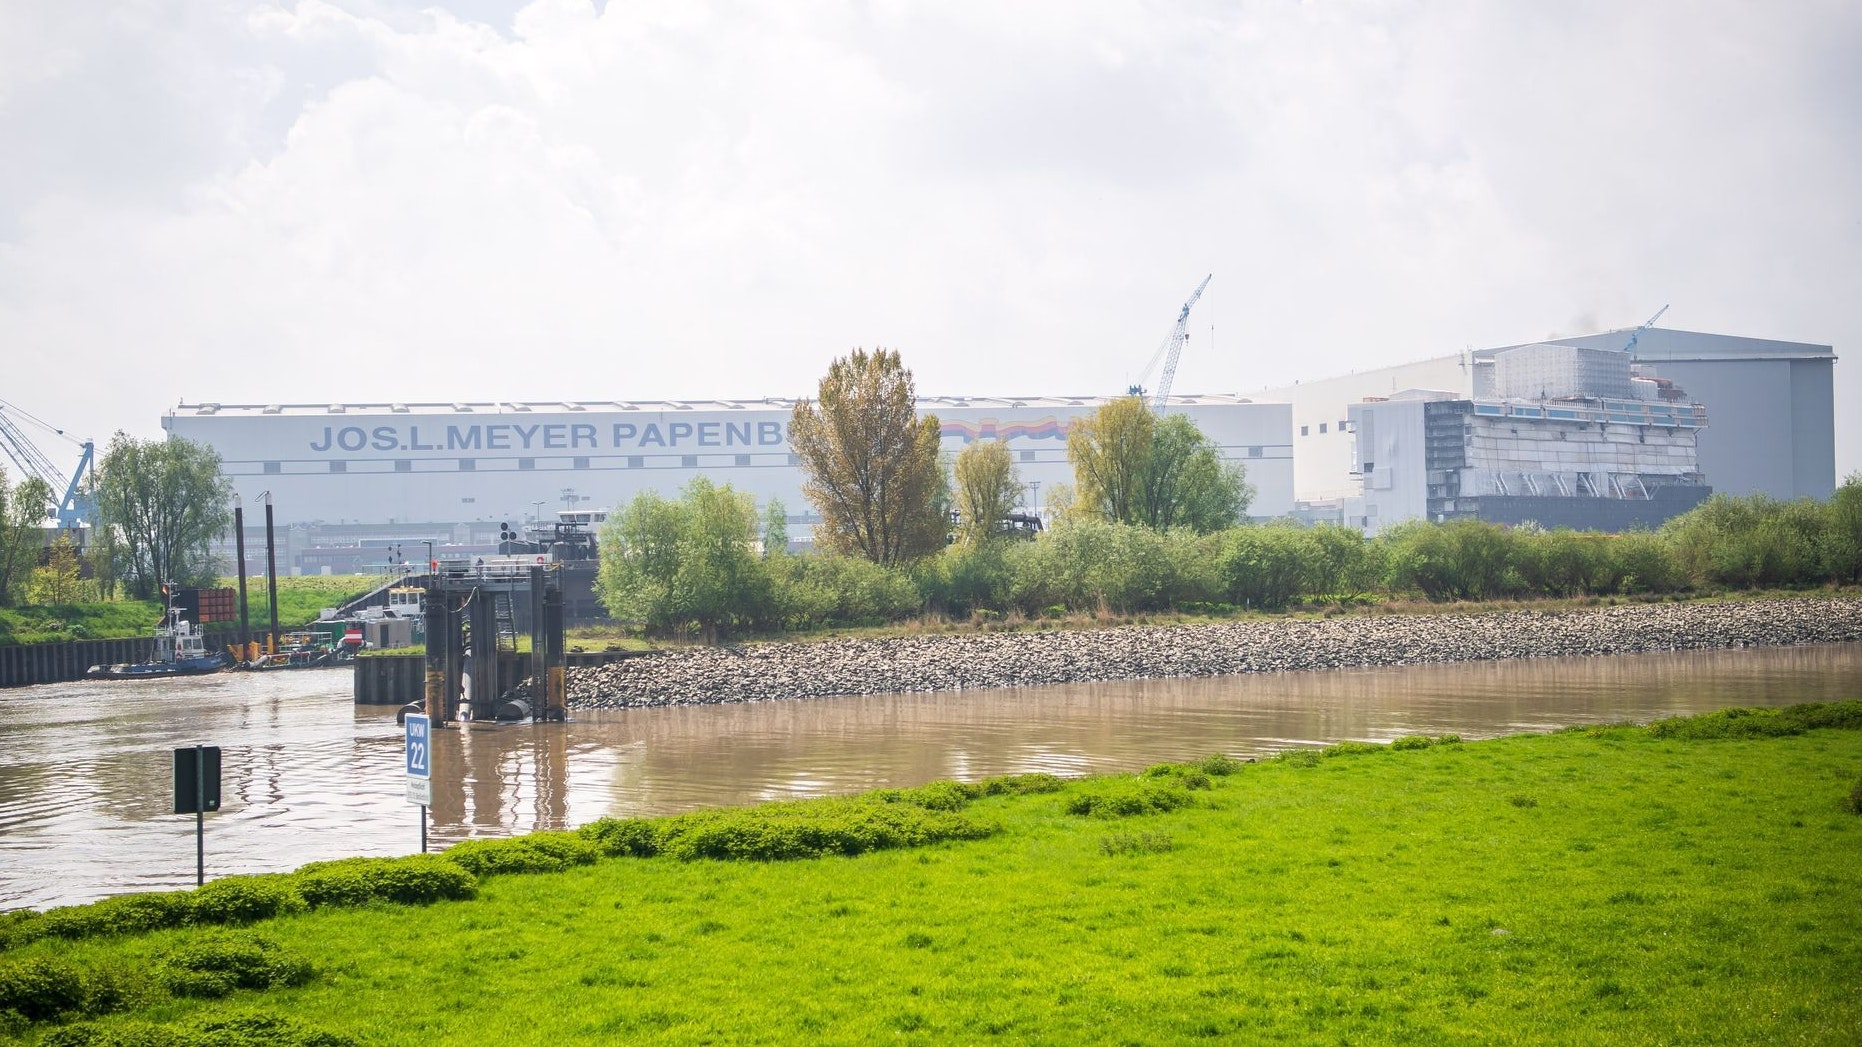 Der Unternehmen leidet unter der geringen Nachfrage nach Kreuzfahrtschiffen. Foto: dpa/Schuldt